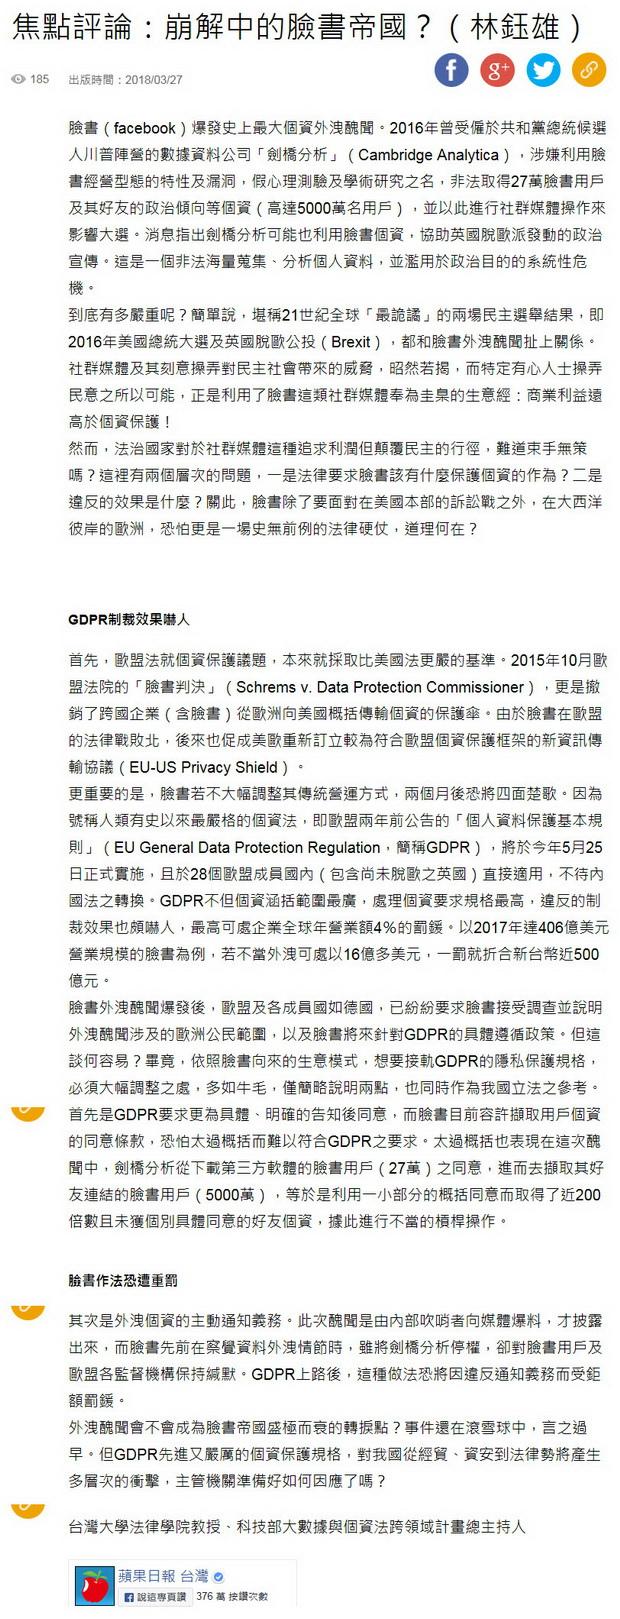 焦點評論:崩解中的臉書帝國?(林鈺雄)-2018.03.27.jpg